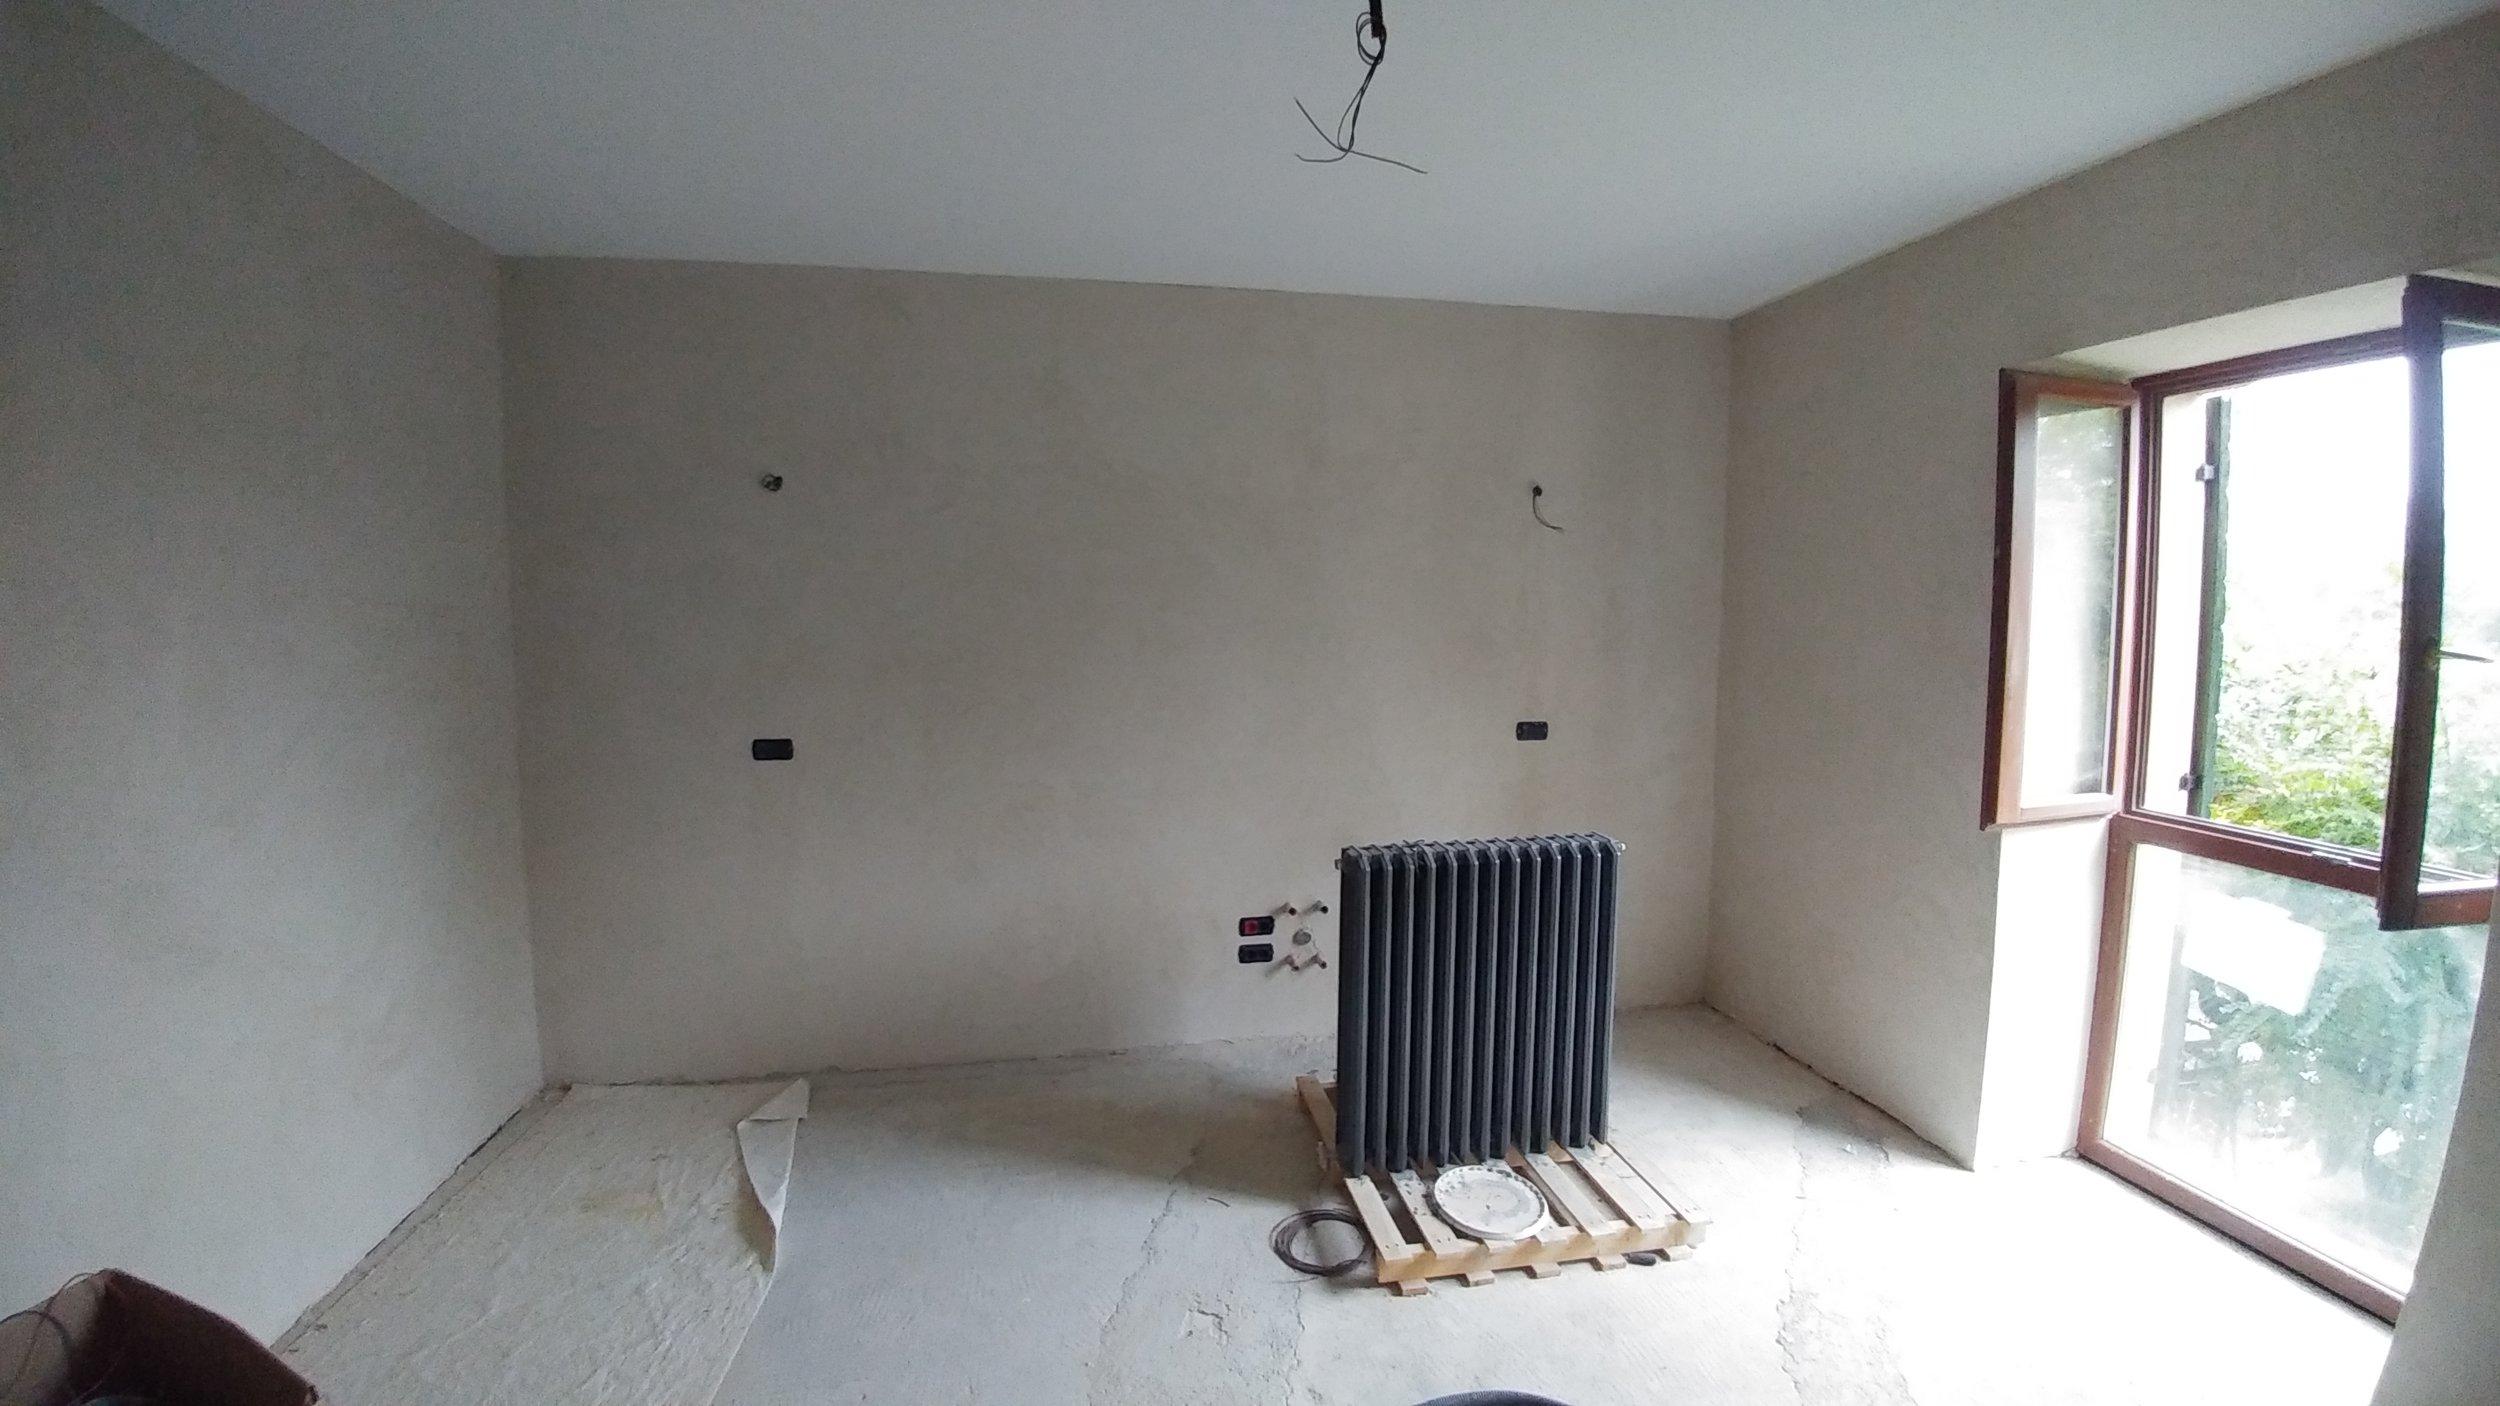 La cucina intonacata con calce alle pareti